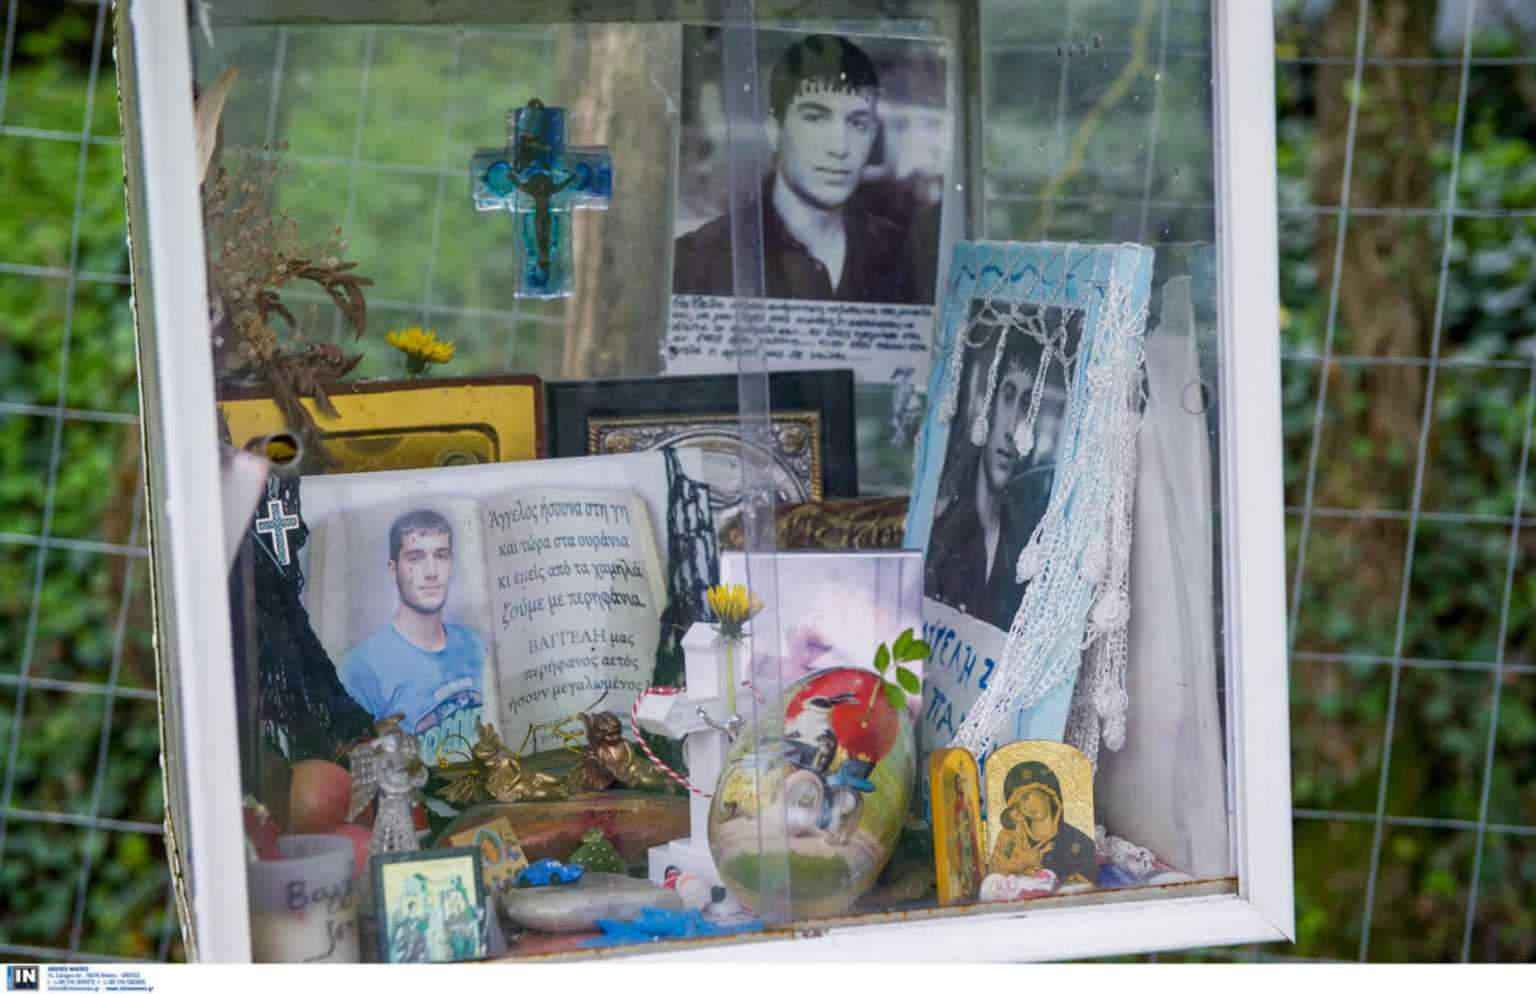 Δίκη Γιακουμάκη: Ένοχοι οι κατηγορούμενοι για τον θάνατο του σπουδαστή